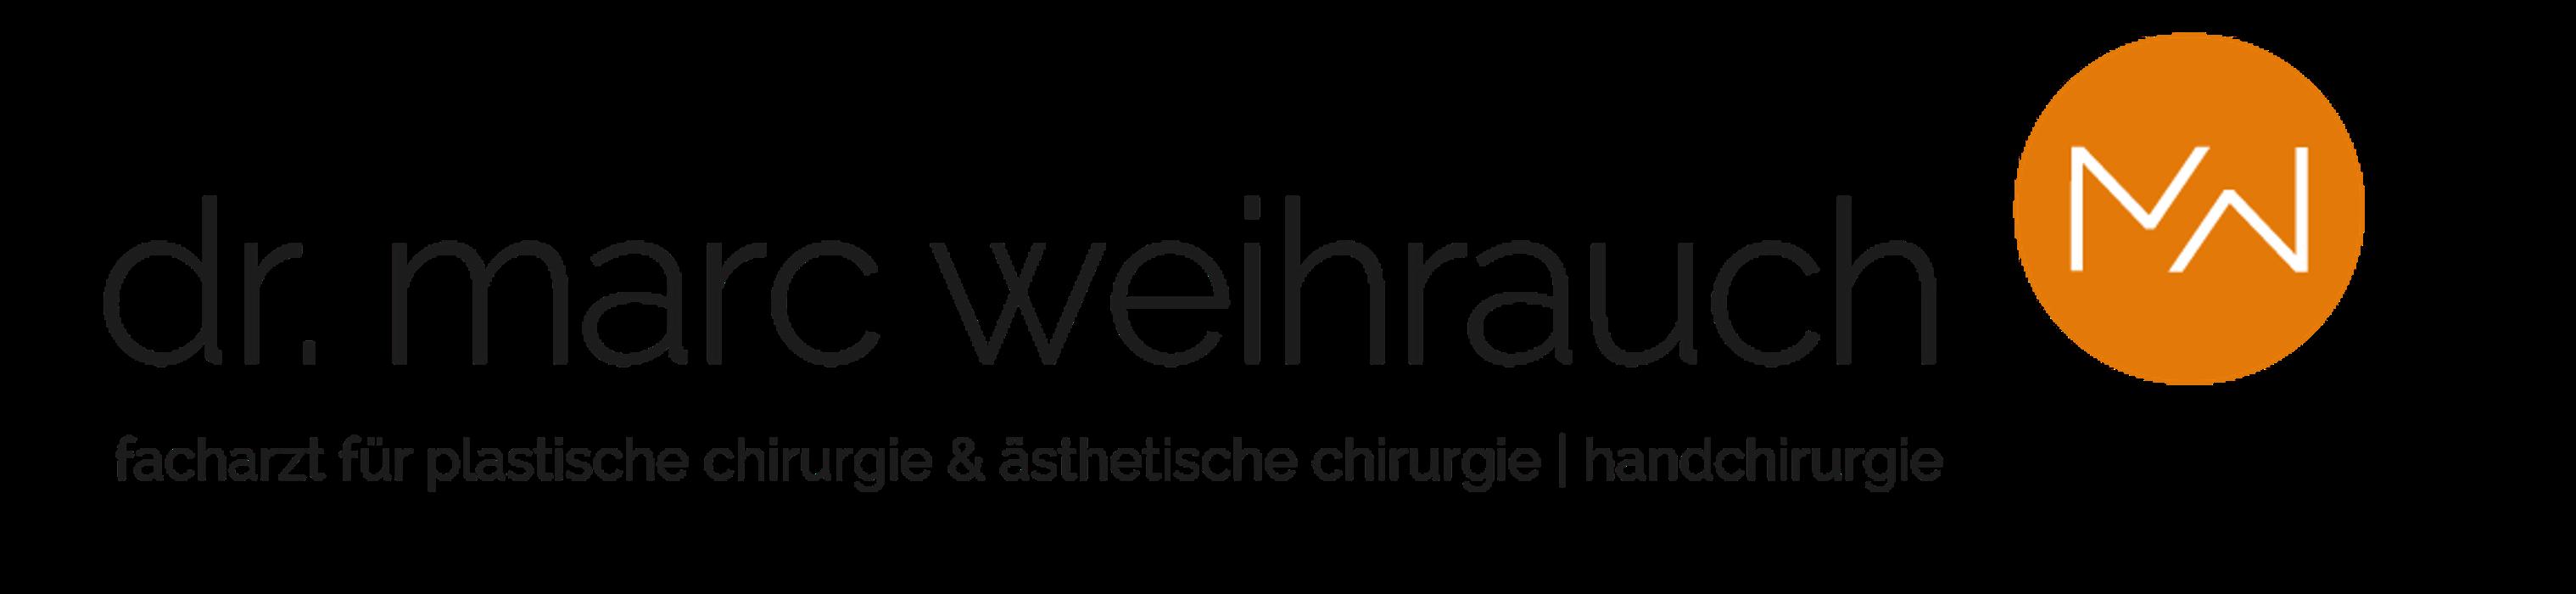 Bild zu Dr. Marc Weihrauch - Praxis für Plastische und Ästhetische Chirurgie & Handchirurgie in Karlsruhe in Karlsruhe